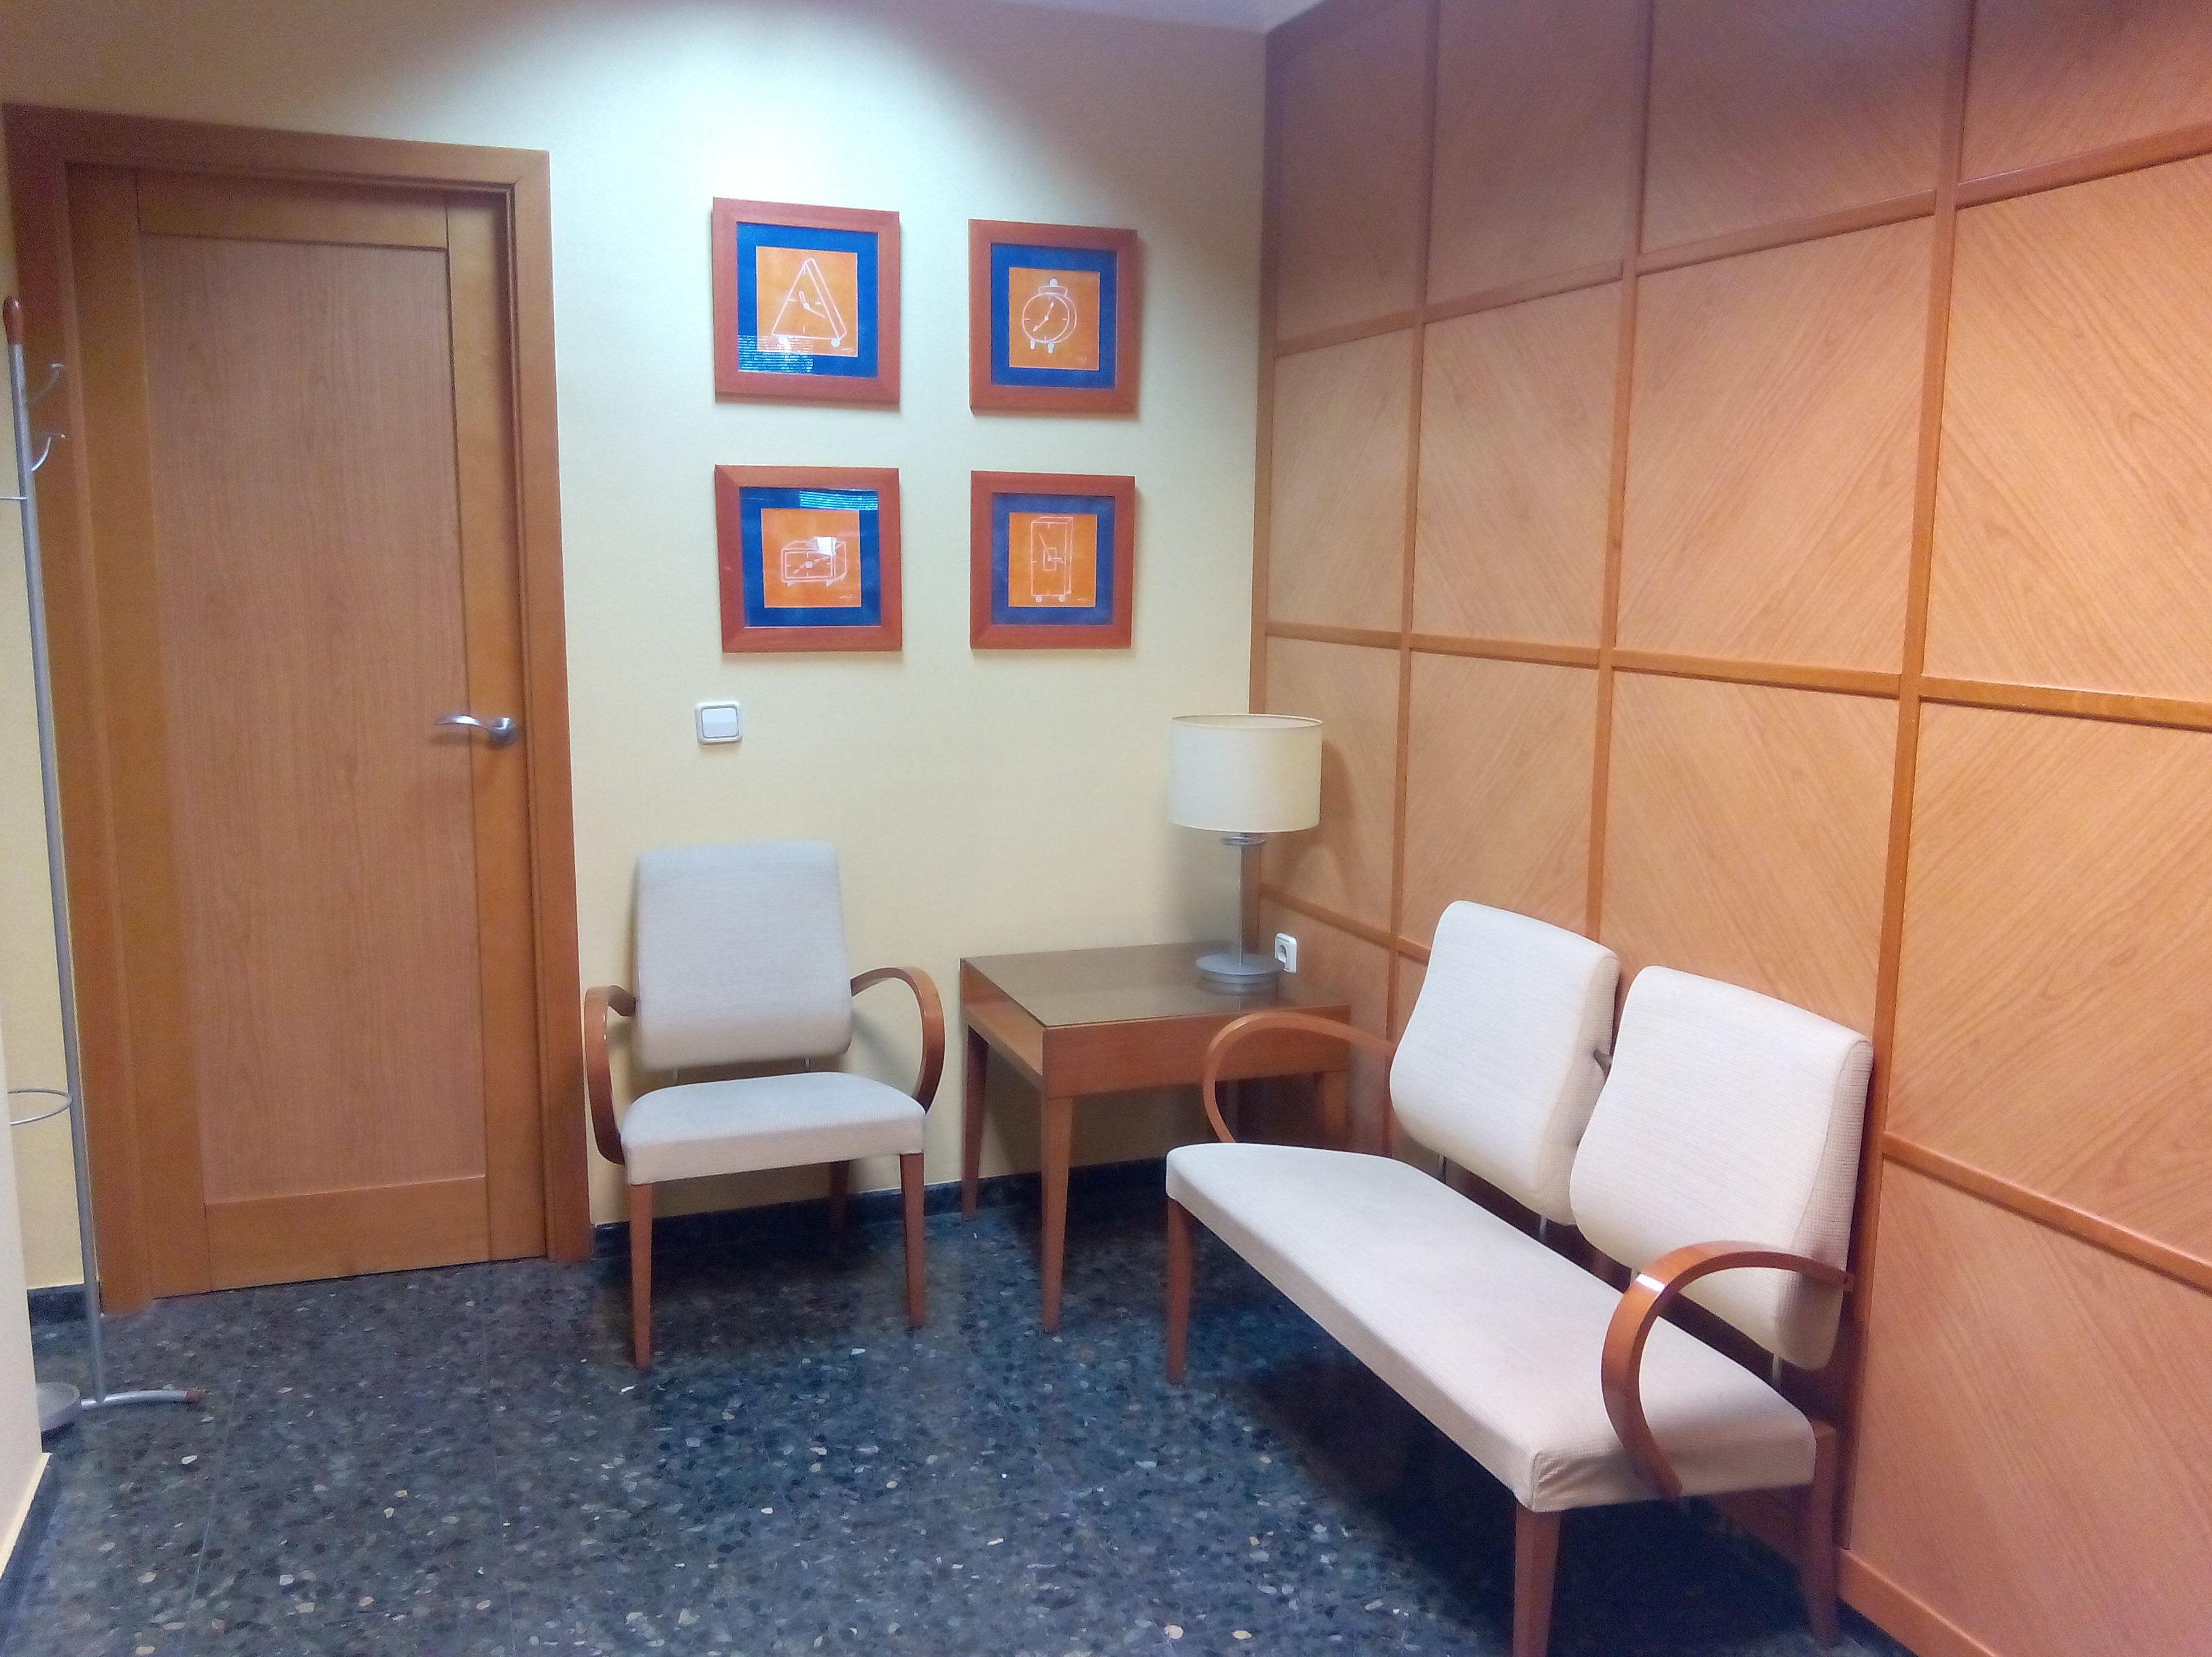 Foto 3 de Asesoría de empresas en Xàtiva | Unión Asesores Xàtiva